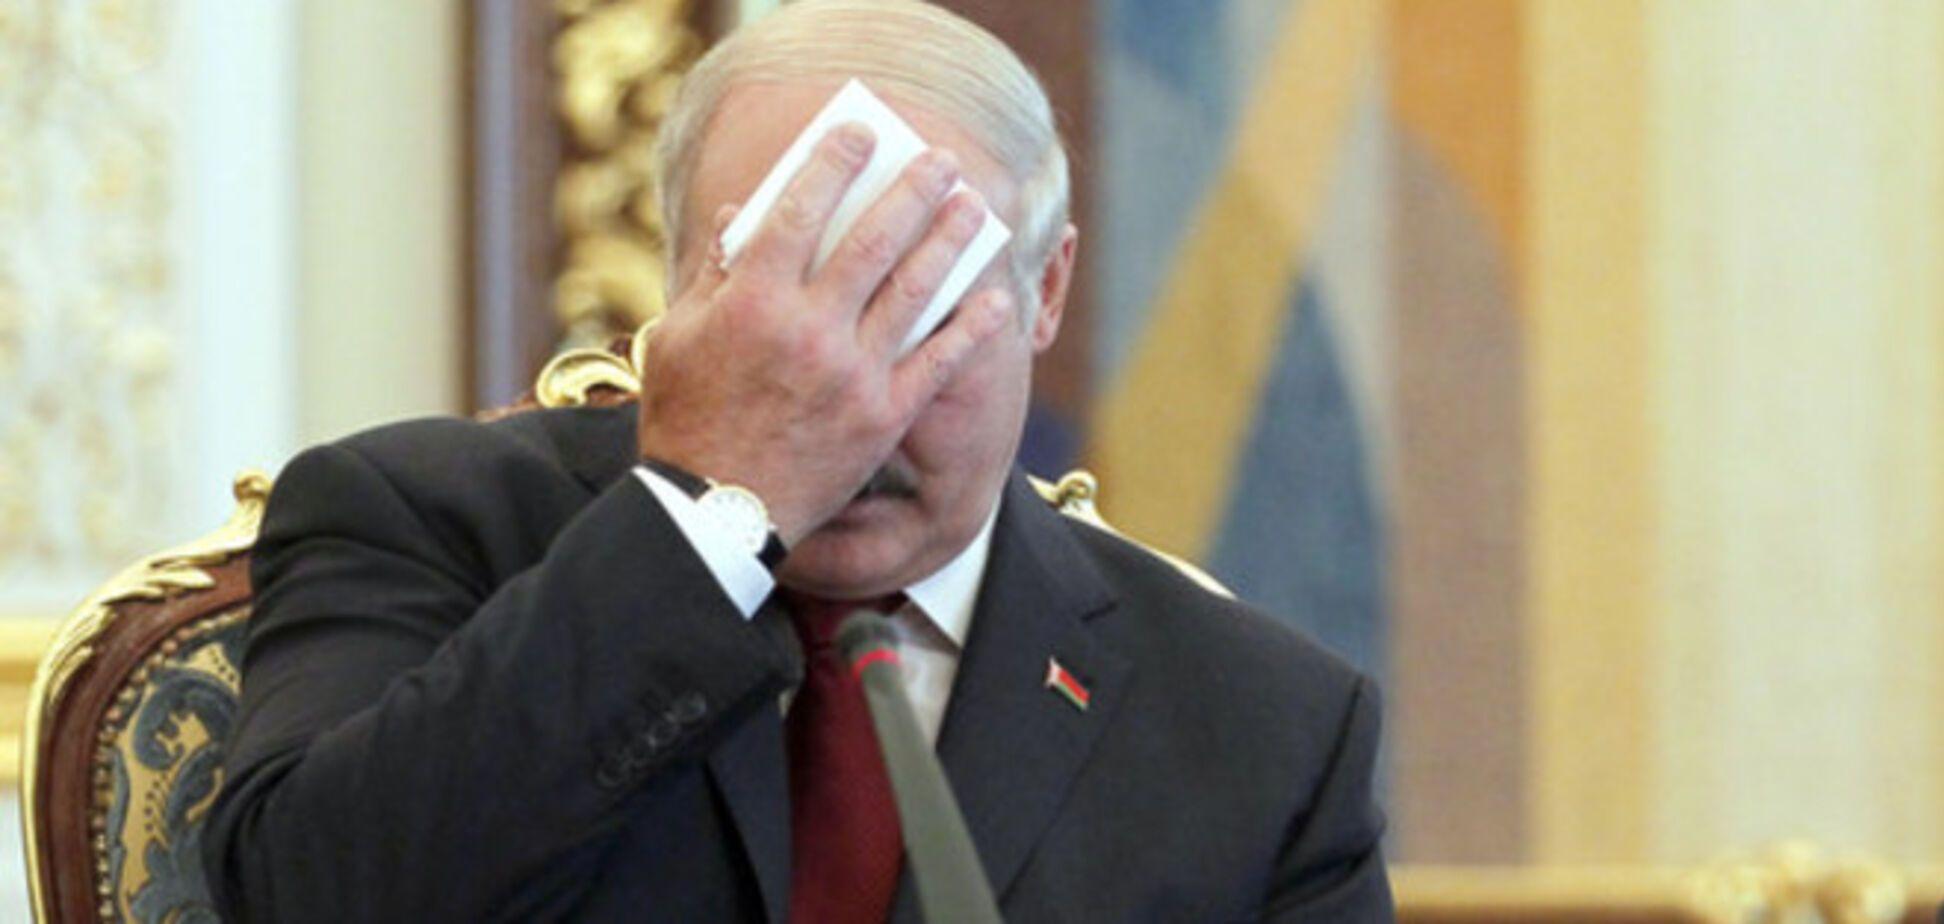 Белорусы о предложении Лукашенко ввести войска в Украину: пусть сам туда идет и не возвращается